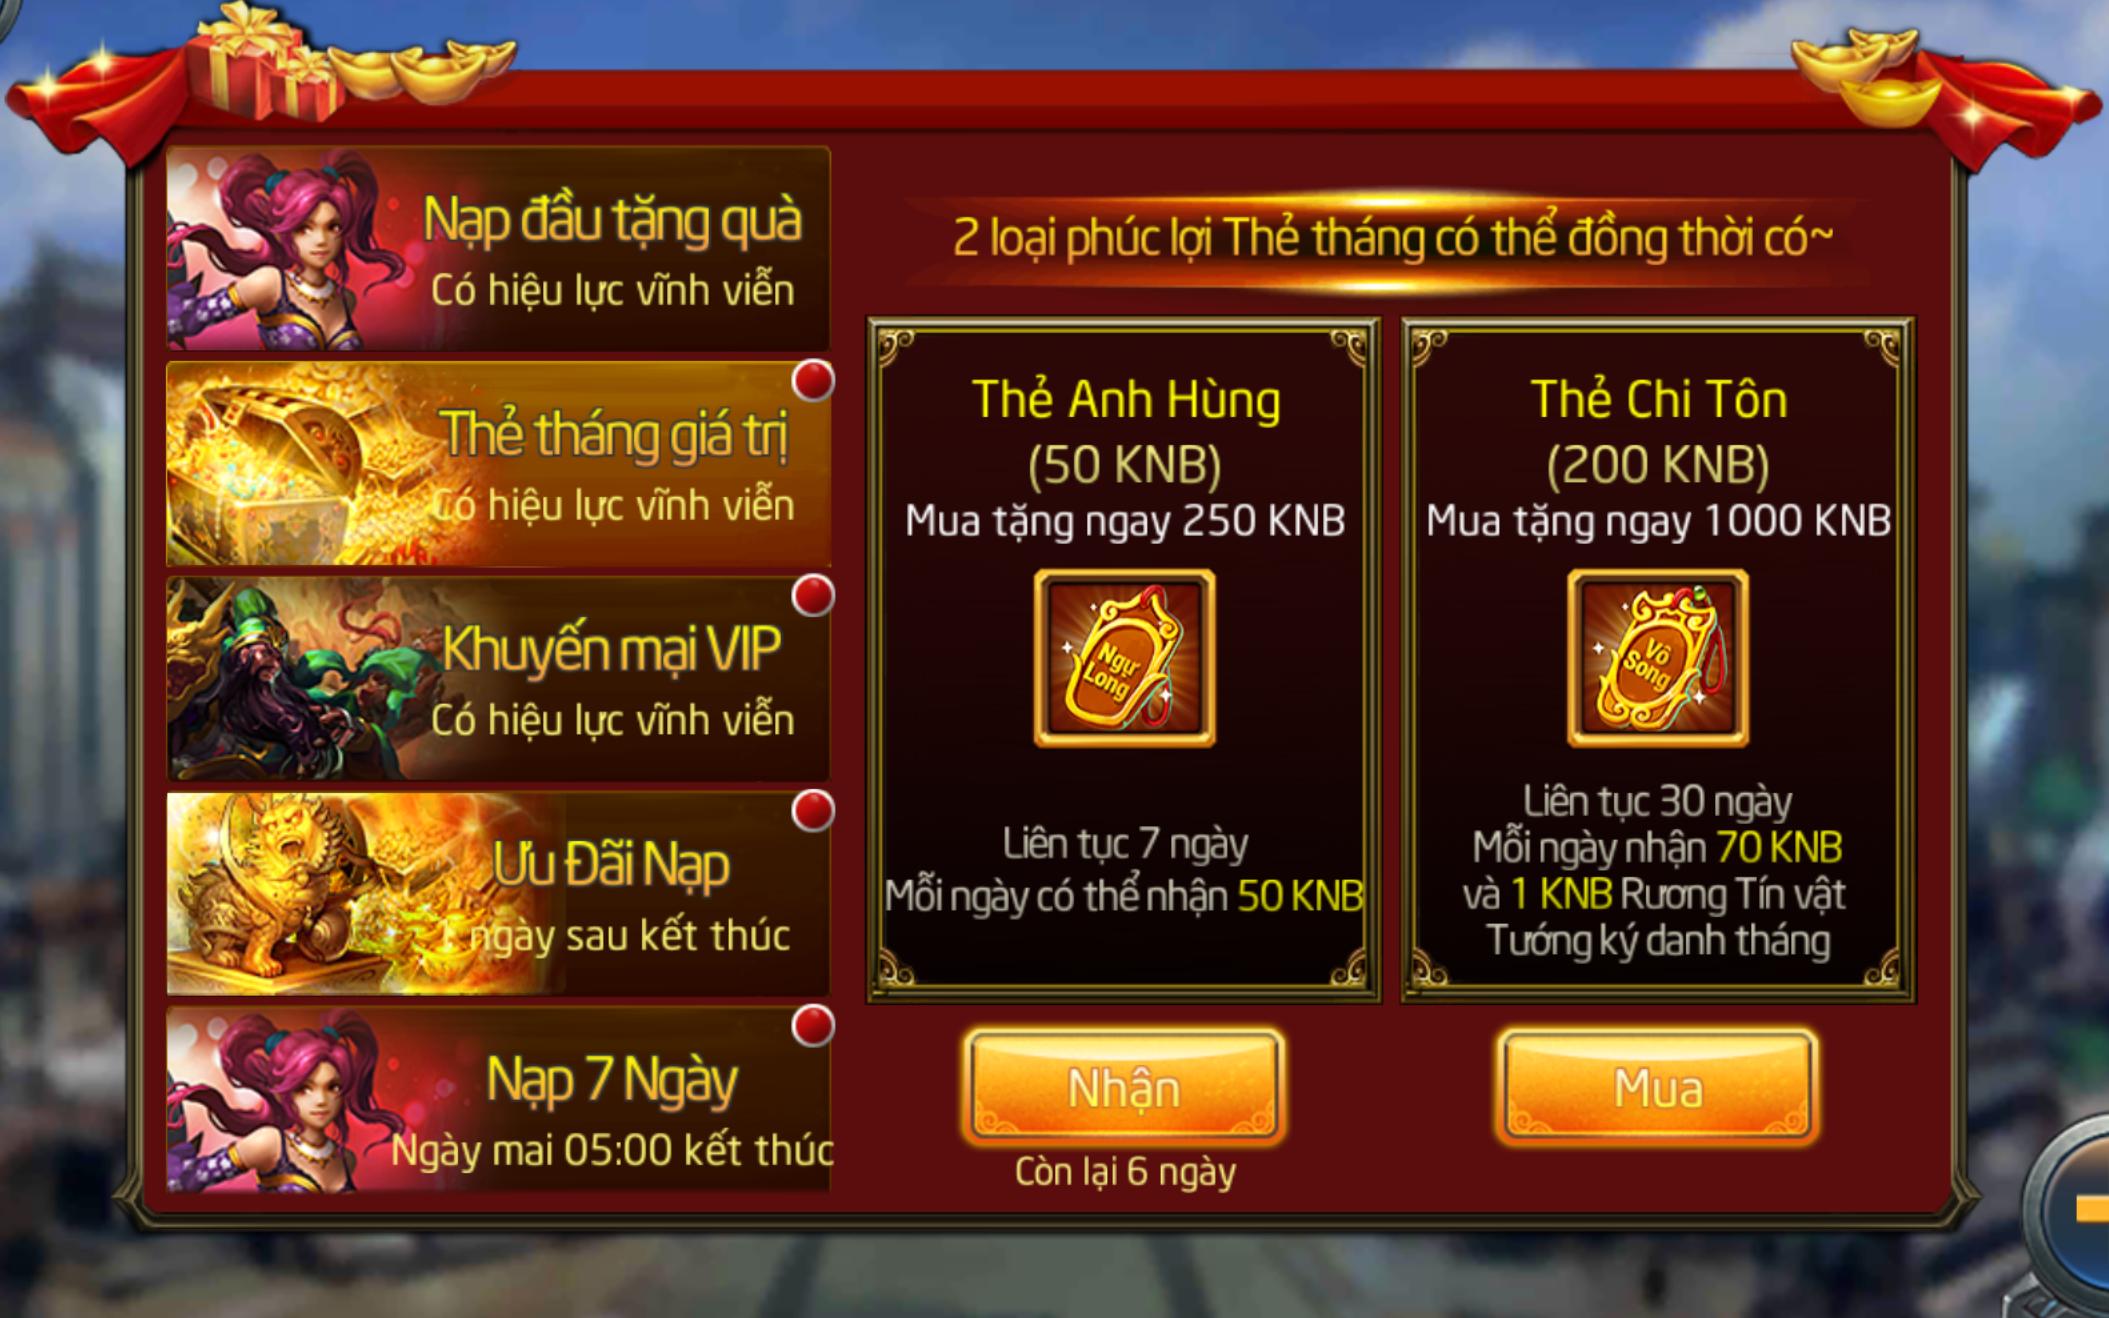 huong-dan-su-dung-the-anh-hung-va-the-chi-ton